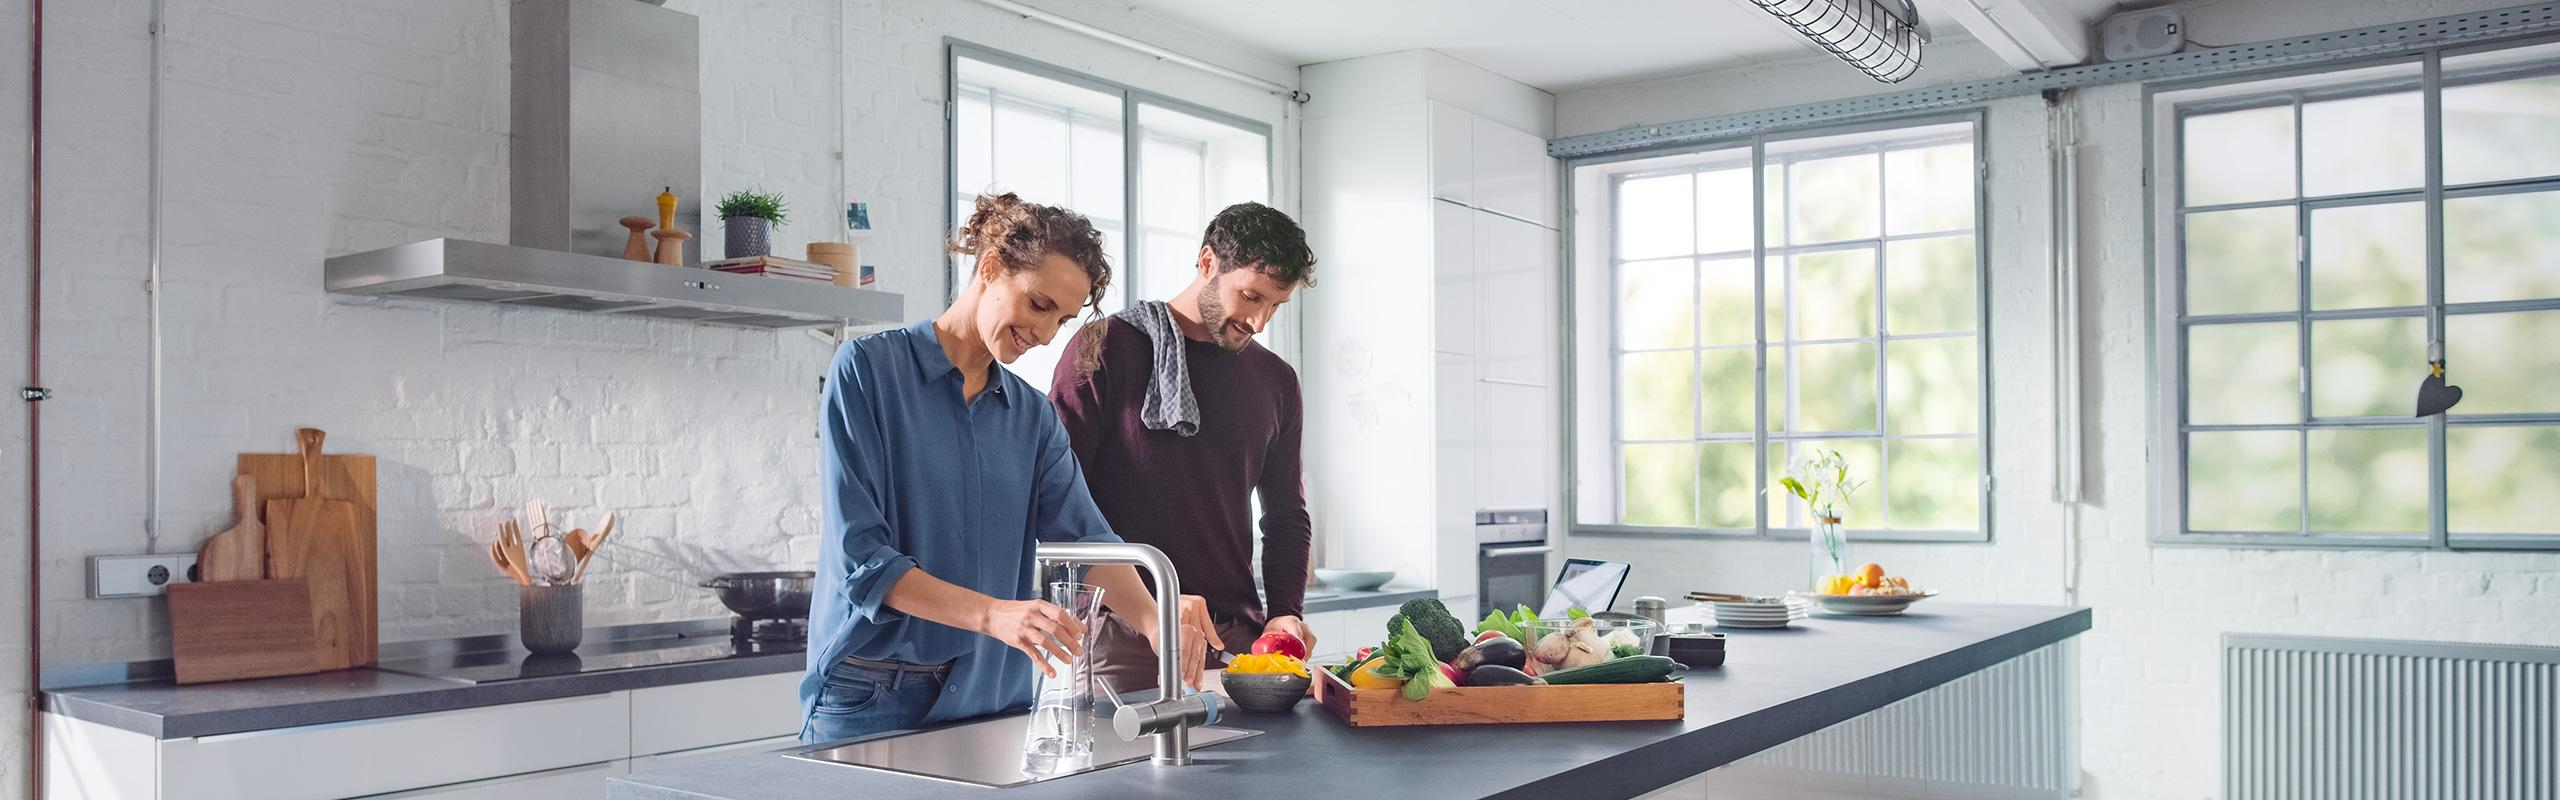 BRITA 3-Wege Küchenarmatur in Küche